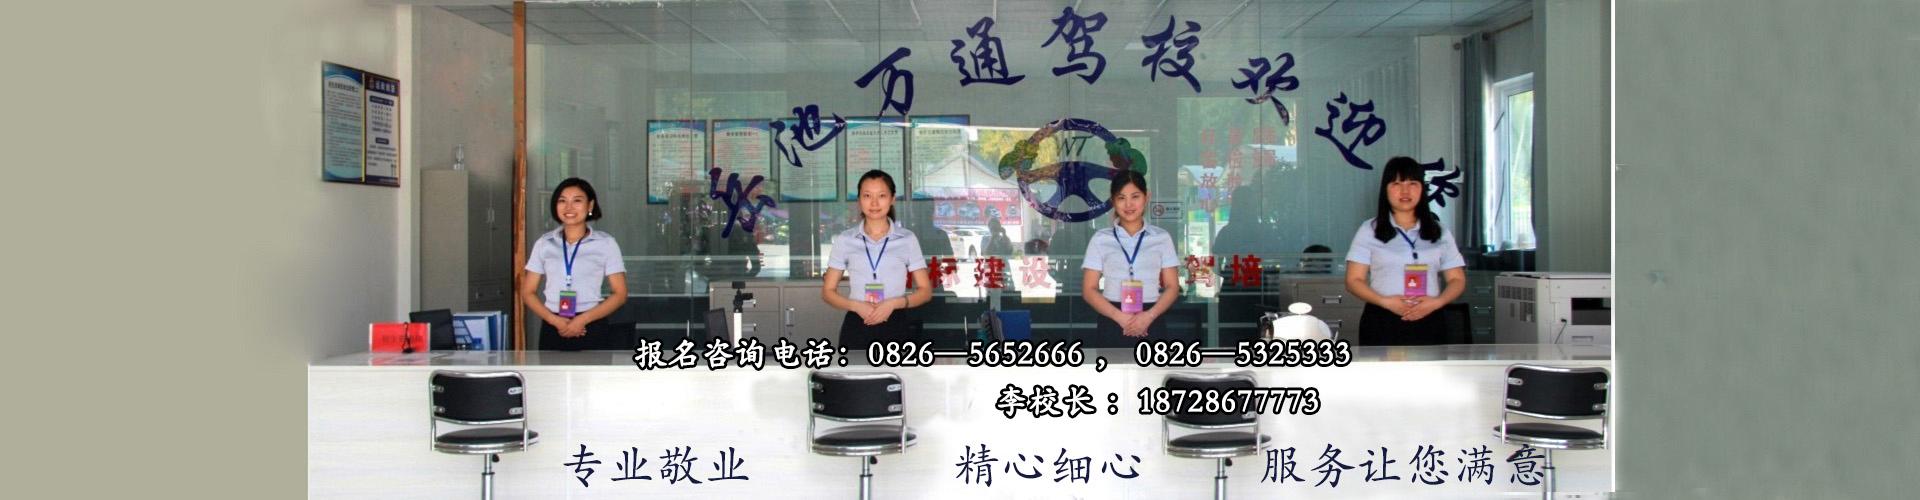 广安驾校培训